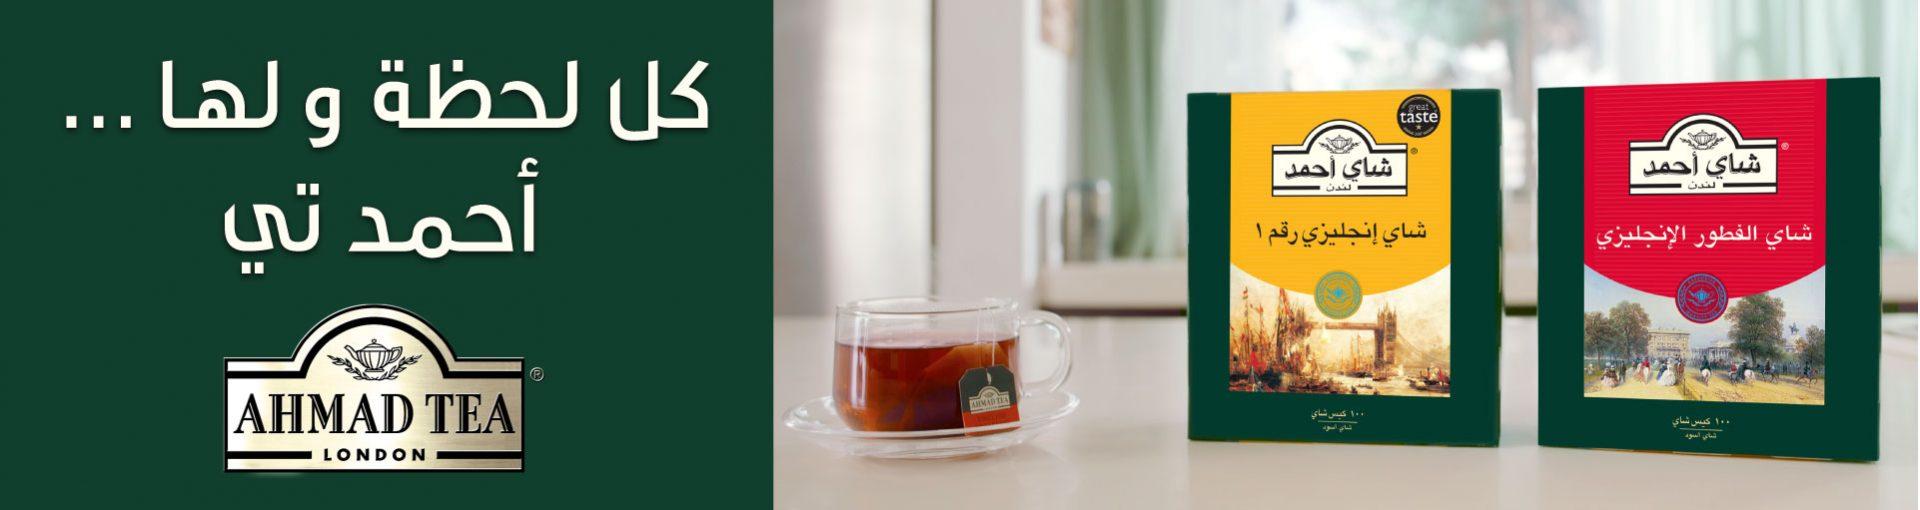 AHMAD TEA ENGLISH TEAS